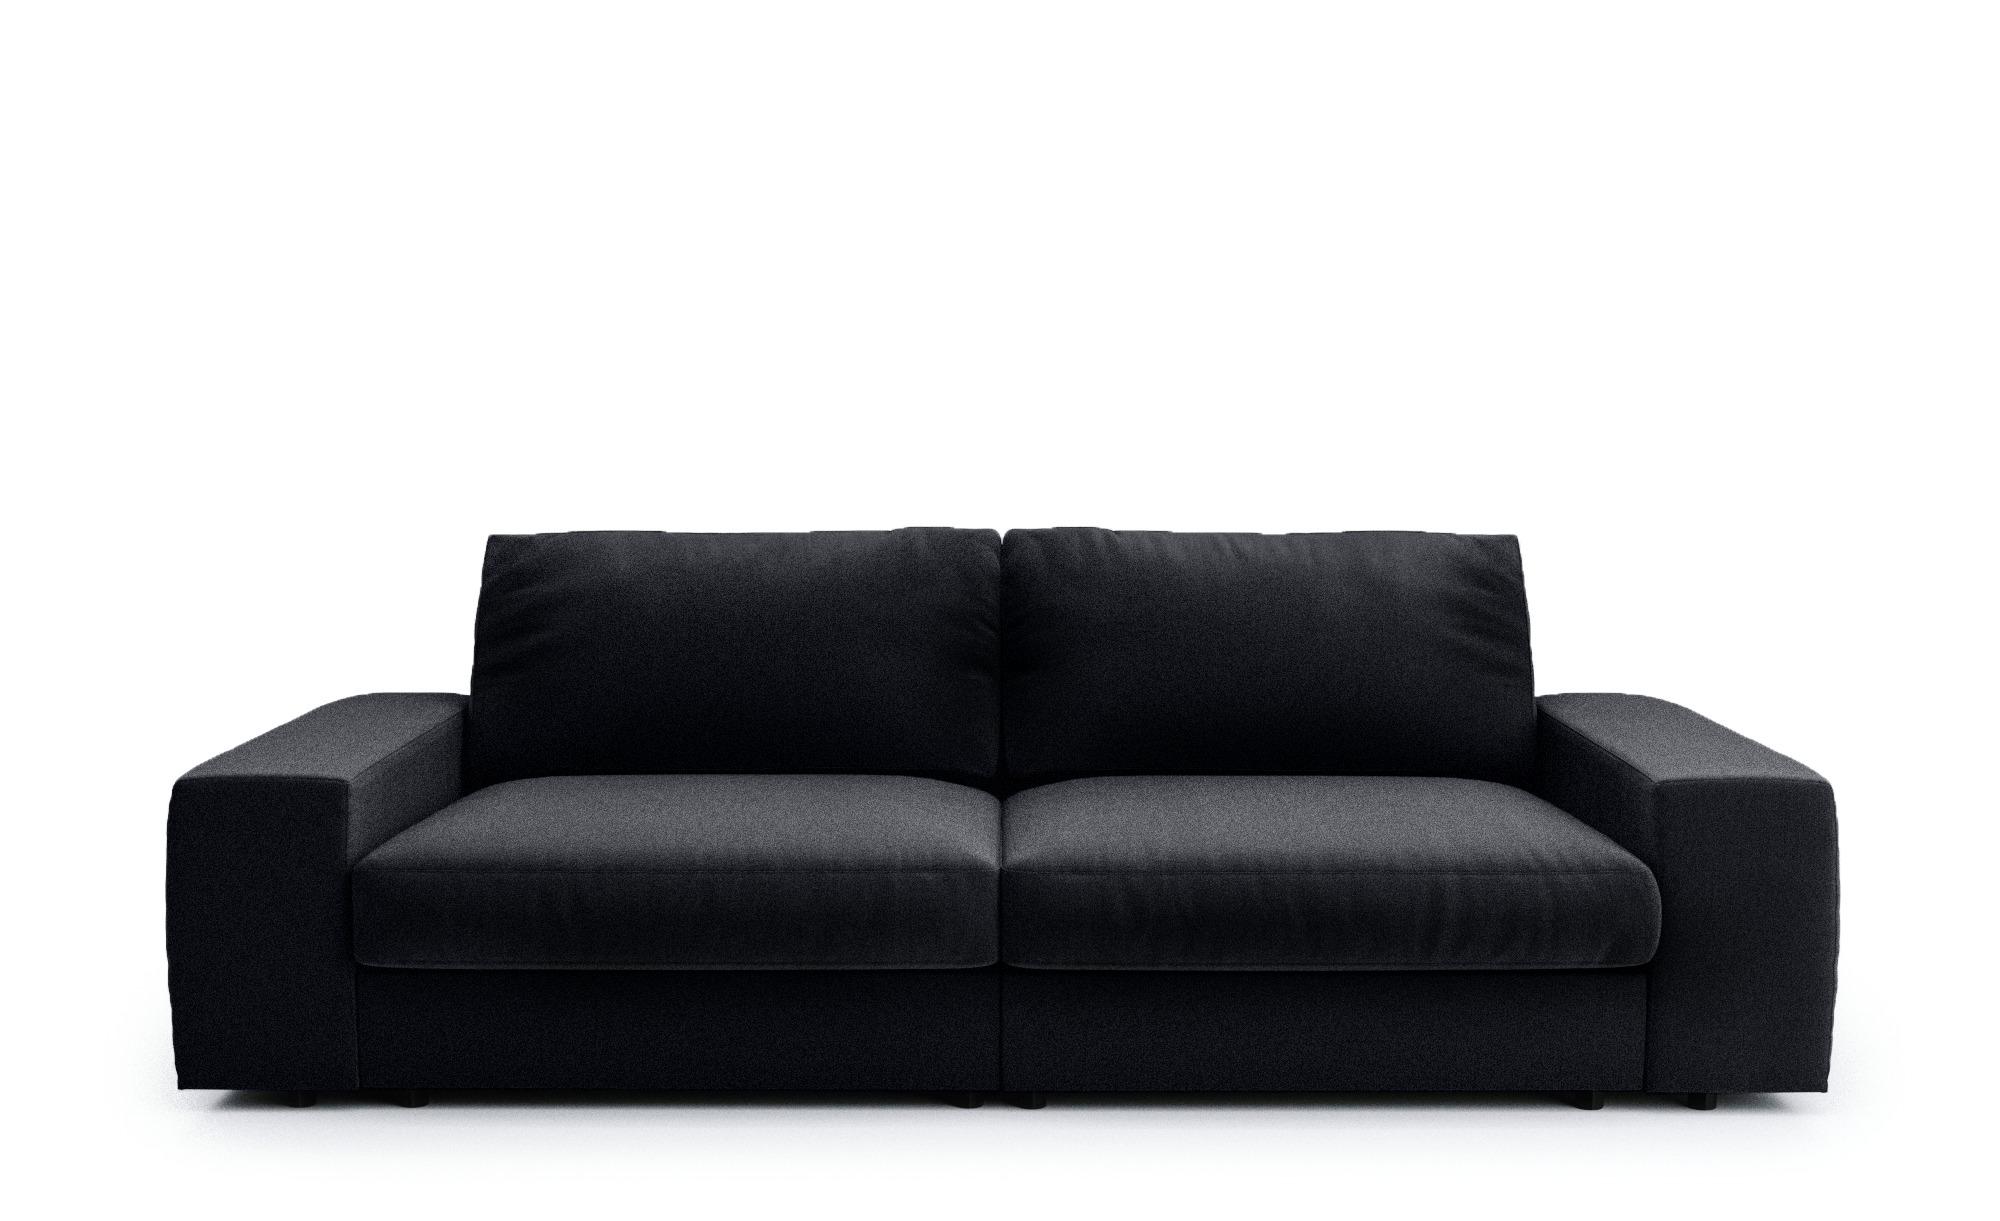 Full Size of Big Sofa Günstig Anthrazit Flachgewebe Brooke Ebay Blau Home Affaire Kaufen Liege Goodlife Brühl Mit Verstellbarer Sitztiefe Einbauküche Bezug Zweisitzer Sofa Big Sofa Günstig